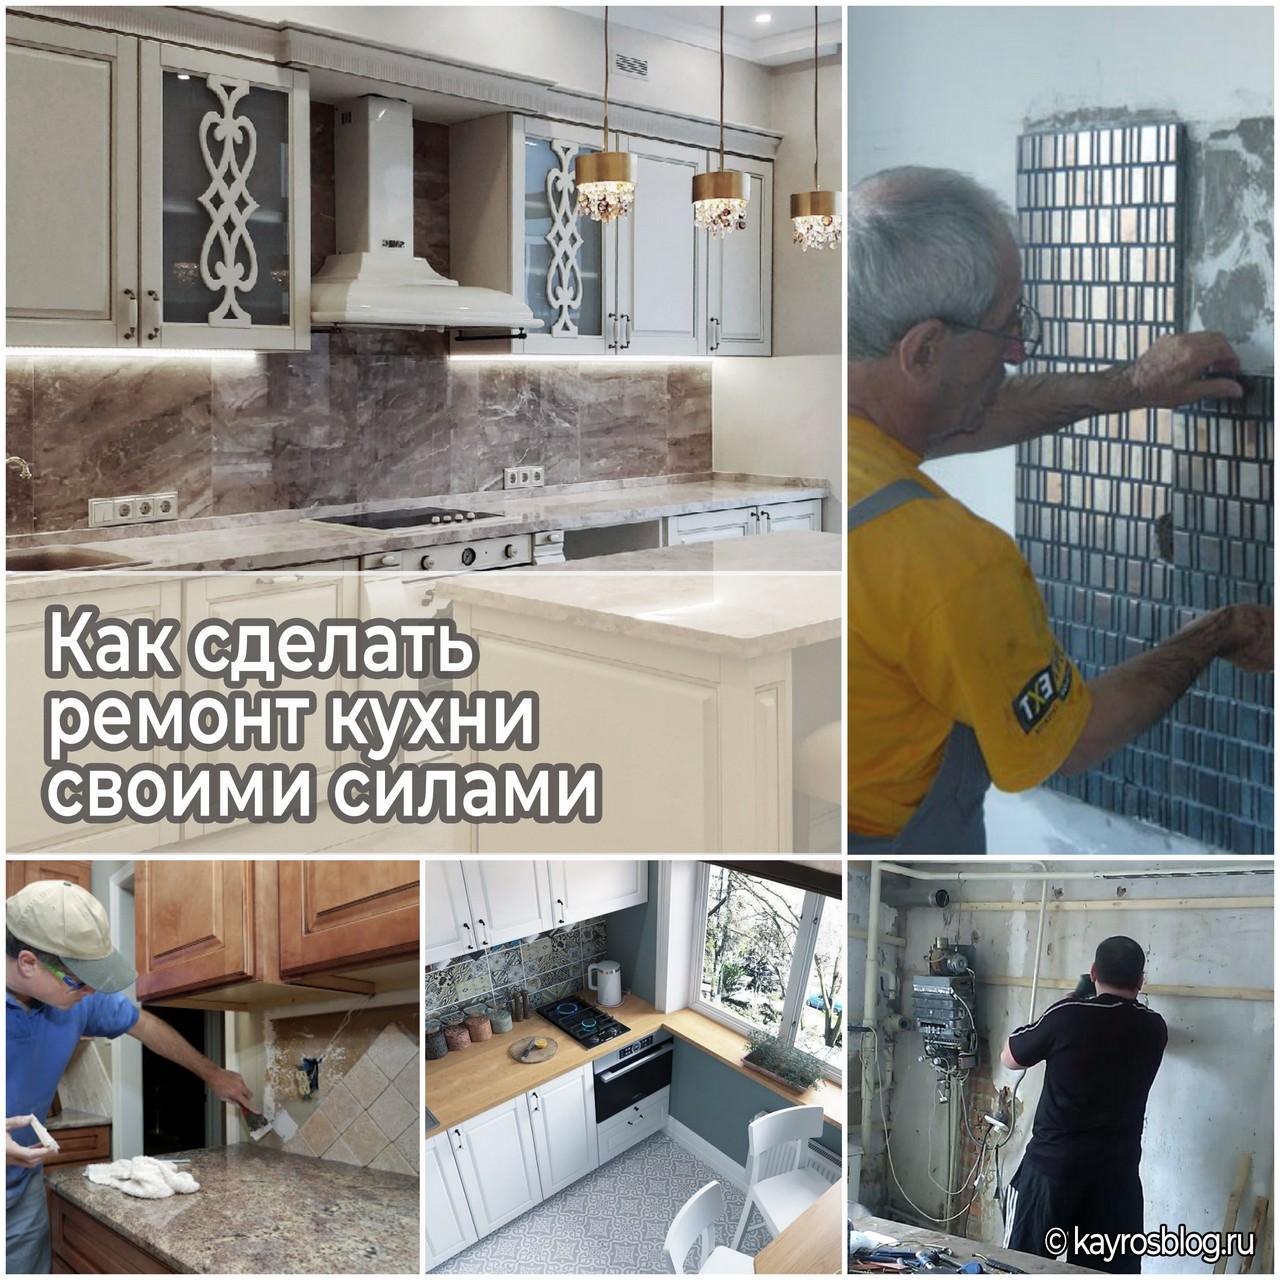 Как сделать ремонт кухни своими силами